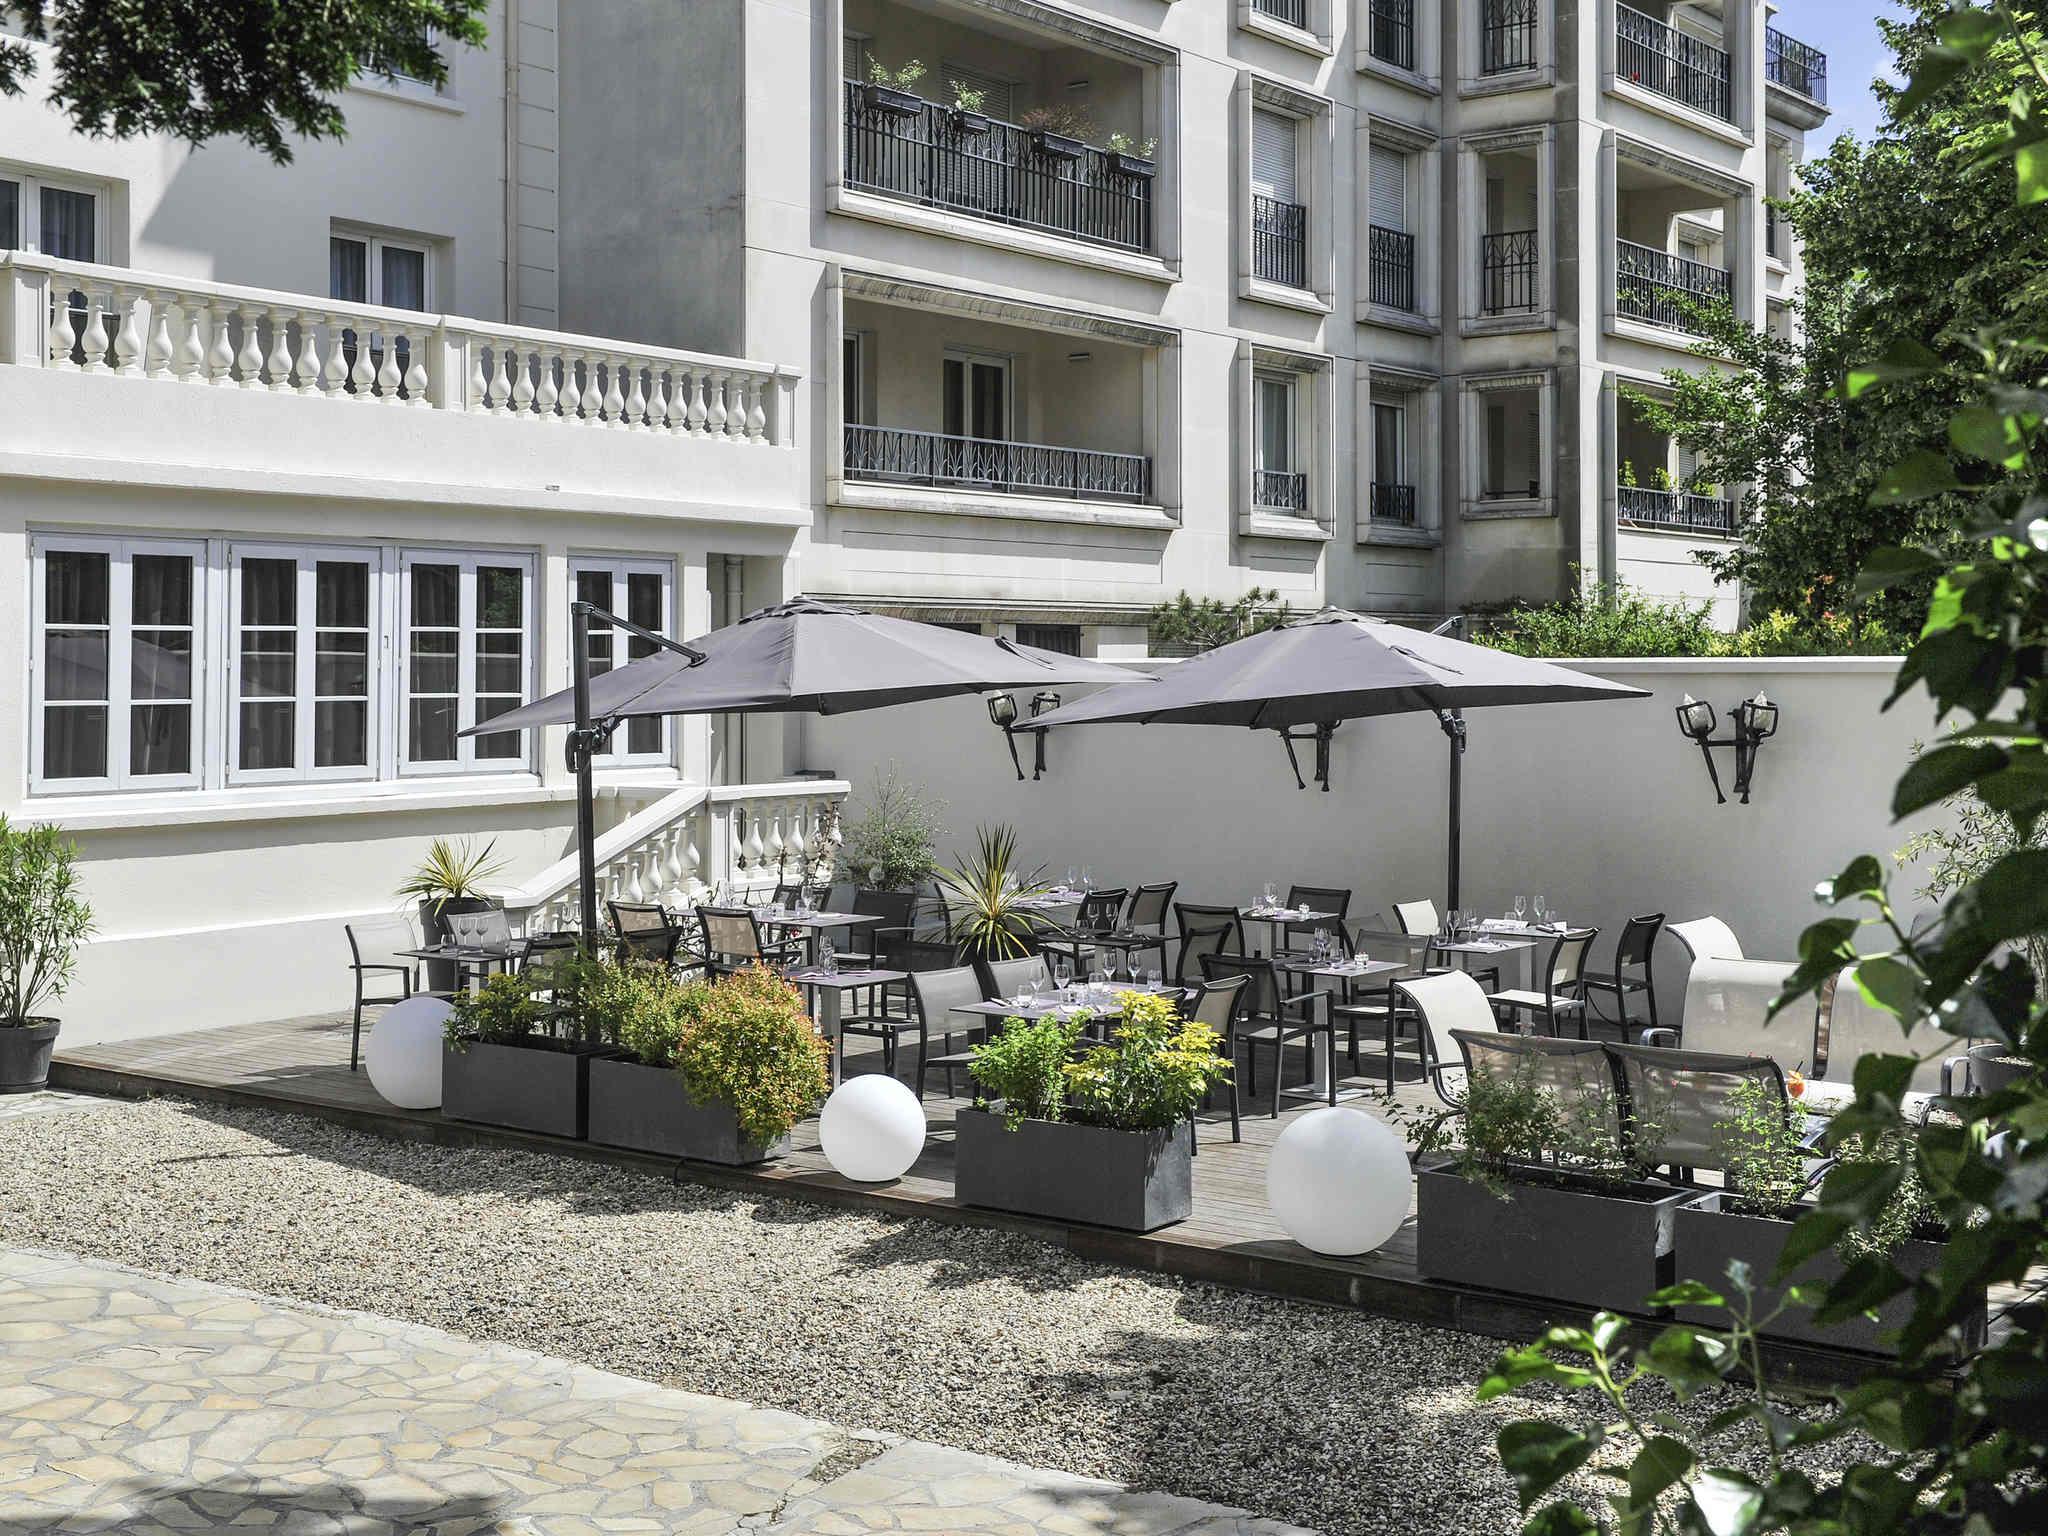 Sungard Exhibition Stand By Me : Hotel in saint cloud hôtel mercure paris saint cloud hippodrome